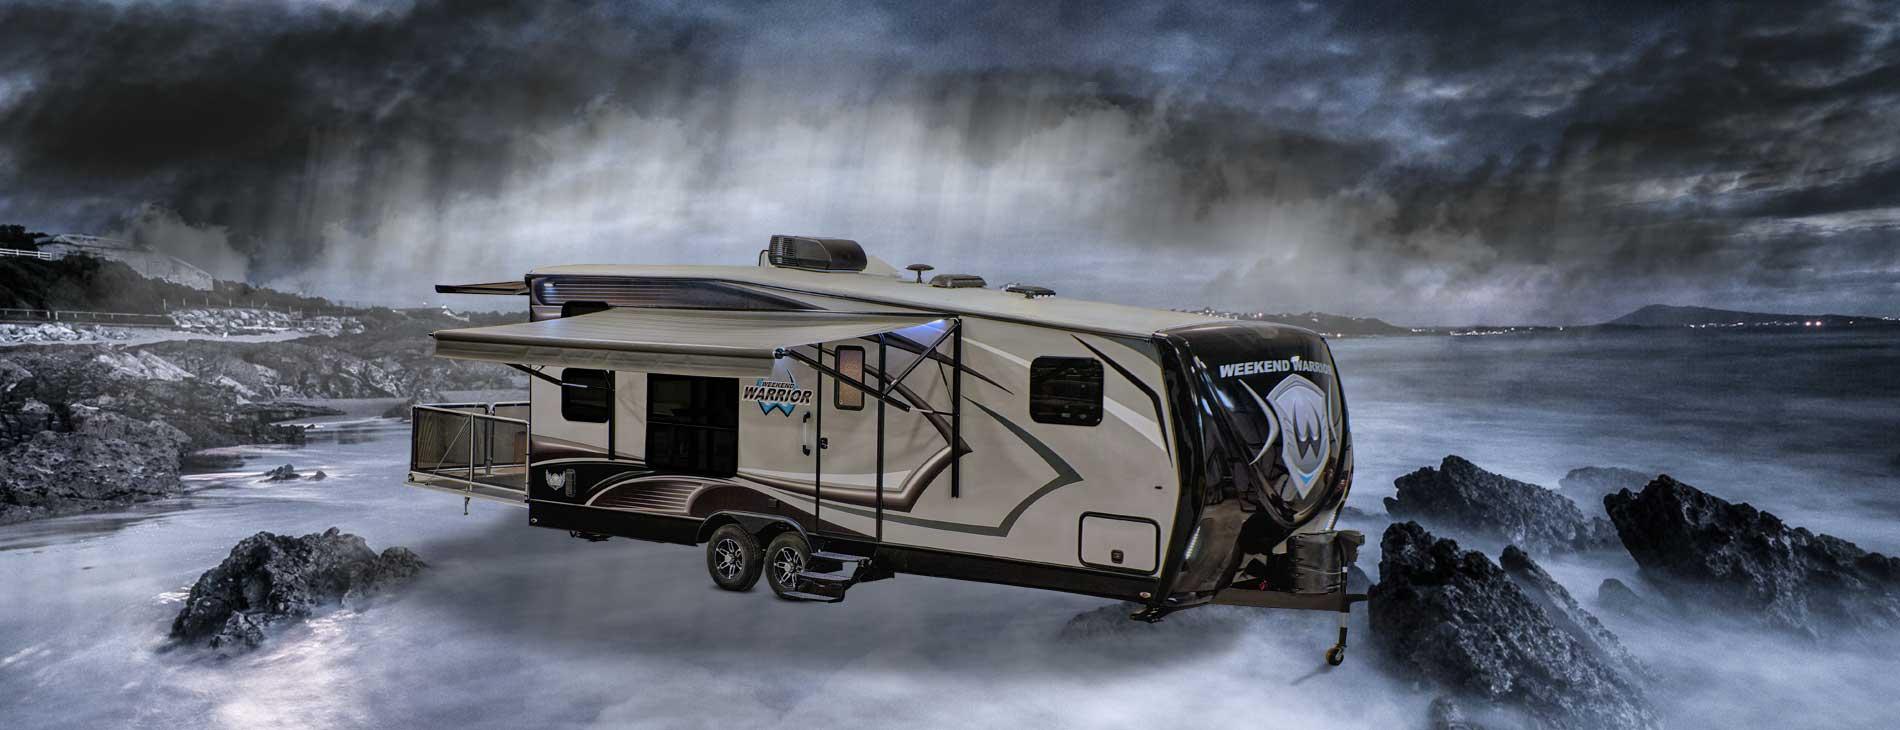 weekend warrior toyhauler trailer camper 20 ft - 28 ft